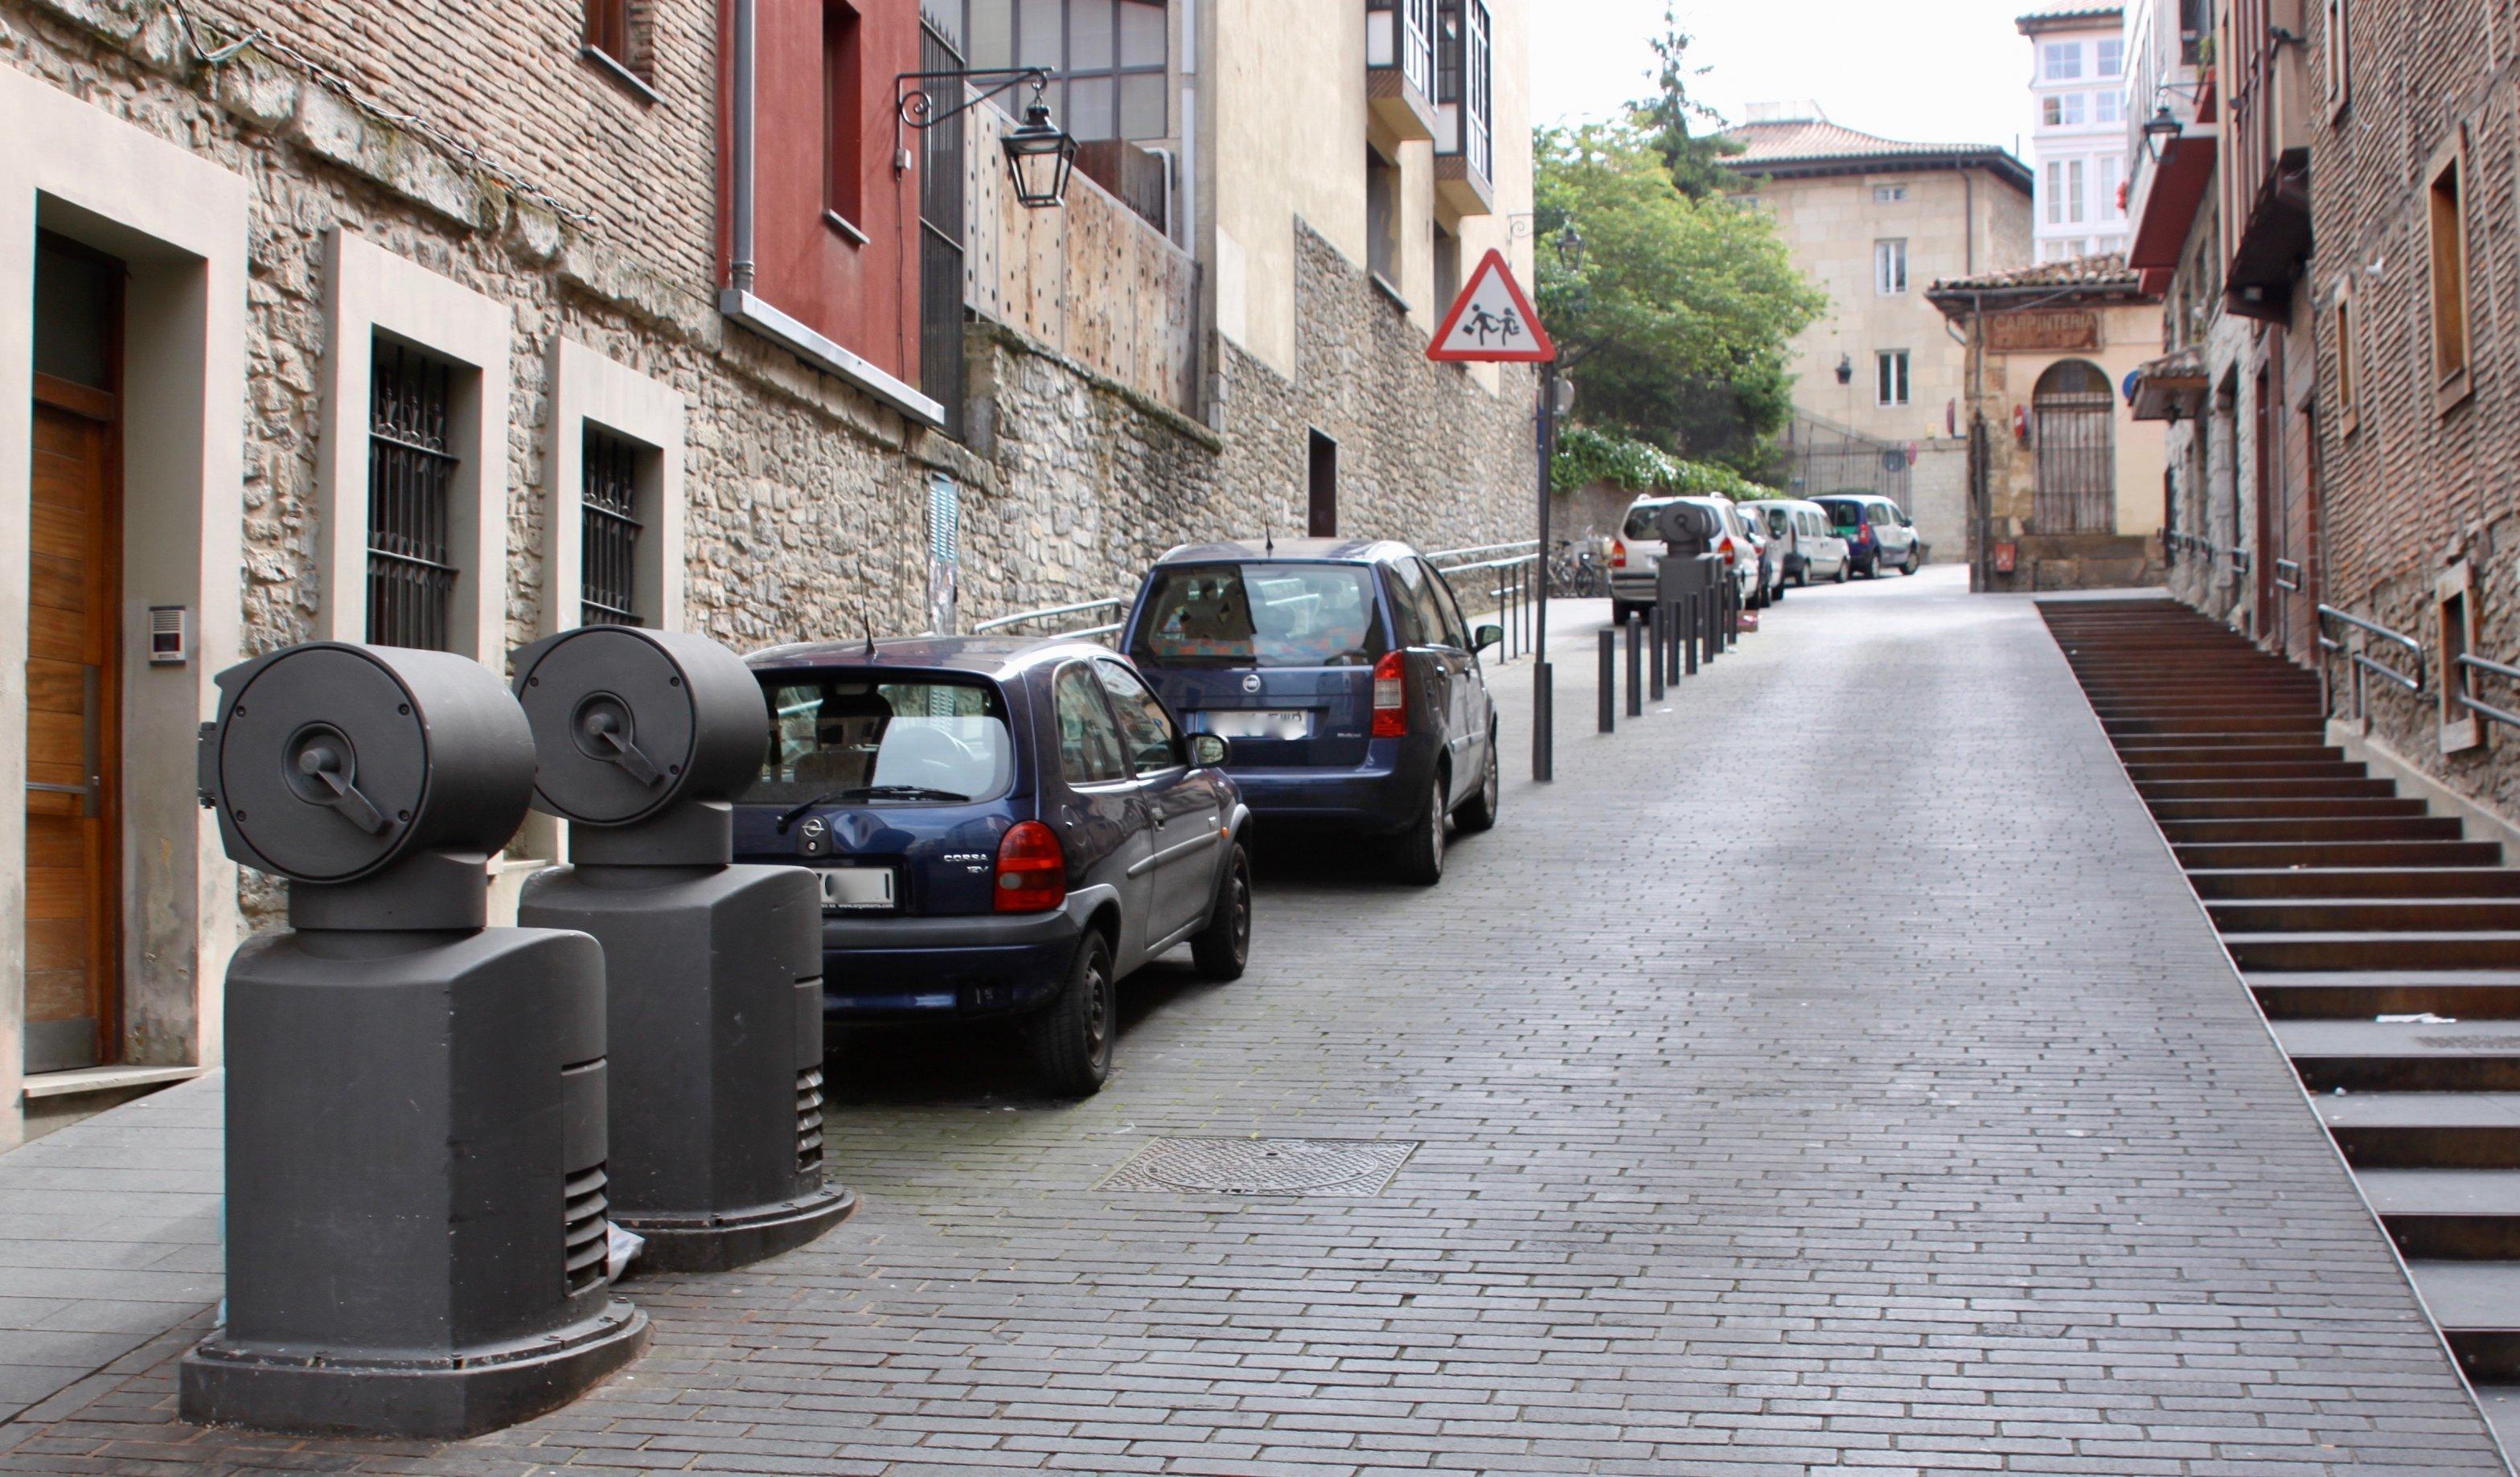 Eine kleine Gasse. Links stehen vor zwei Müllschluckern parkende Autos.